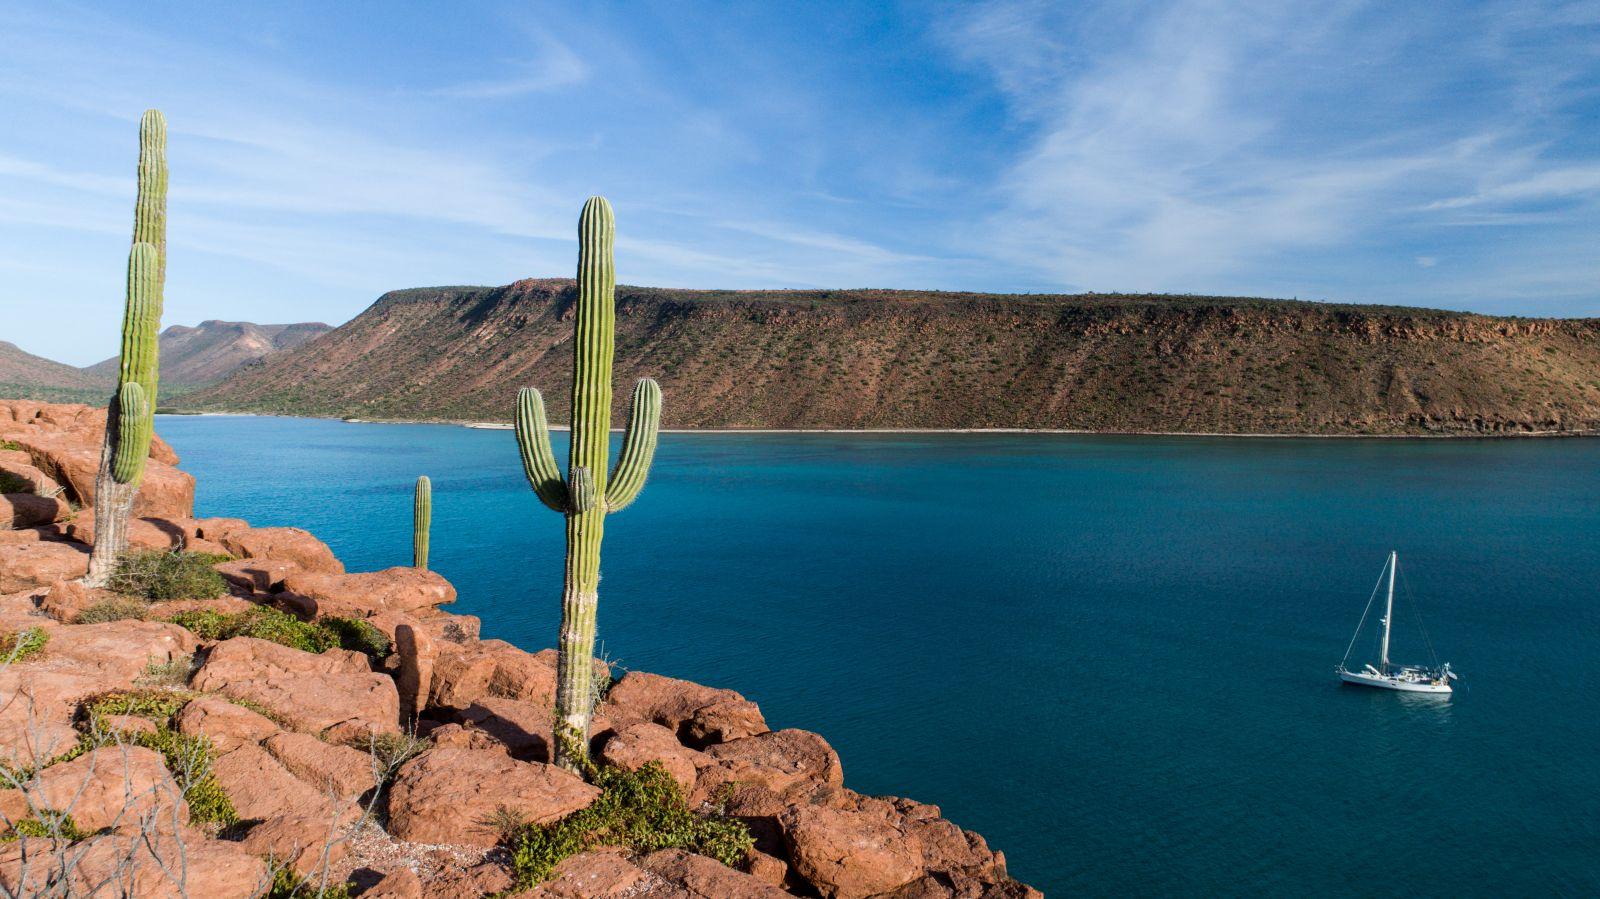 Wer von La Paz Richtung Norden segelt, erlebt die für diesen Teil Mexikos typische Wüstenlandschaft, wie hier bei den Inseln Espiritu Santo. ©leonardogonzalez/AdobeStock